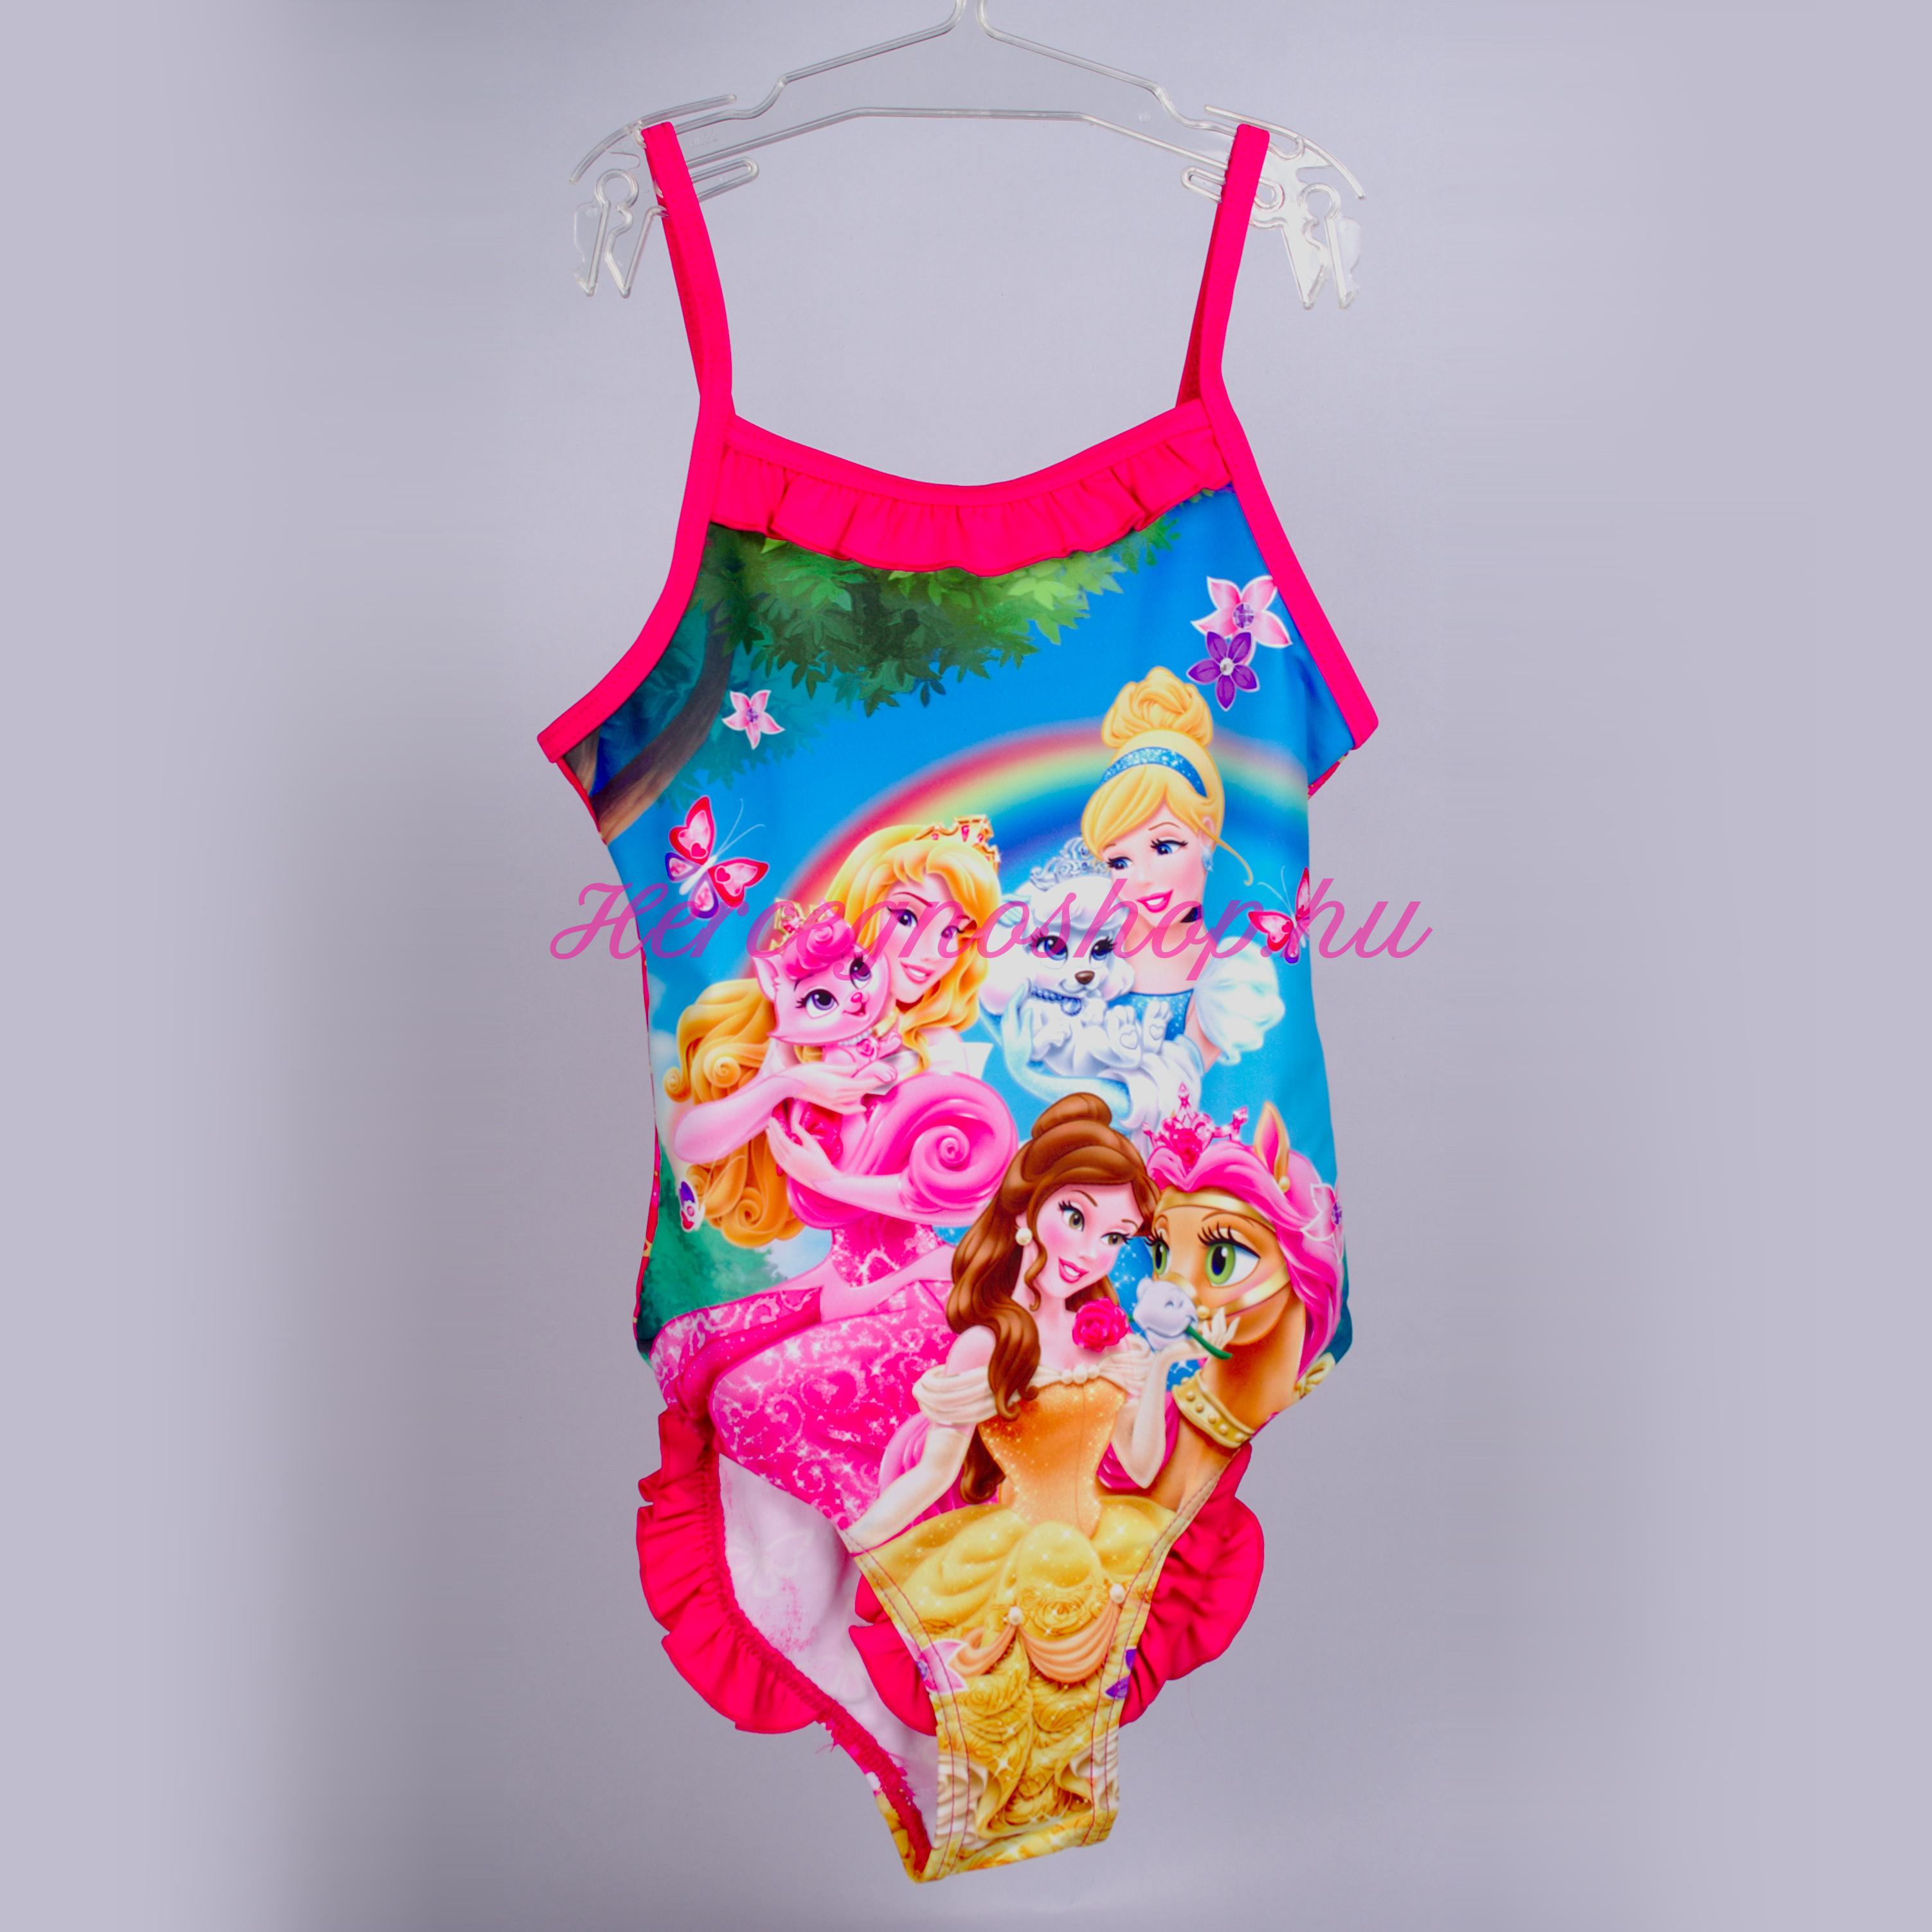 Disney hercegnők fürdőruha – sötét rózsaszín (Disney Princess)